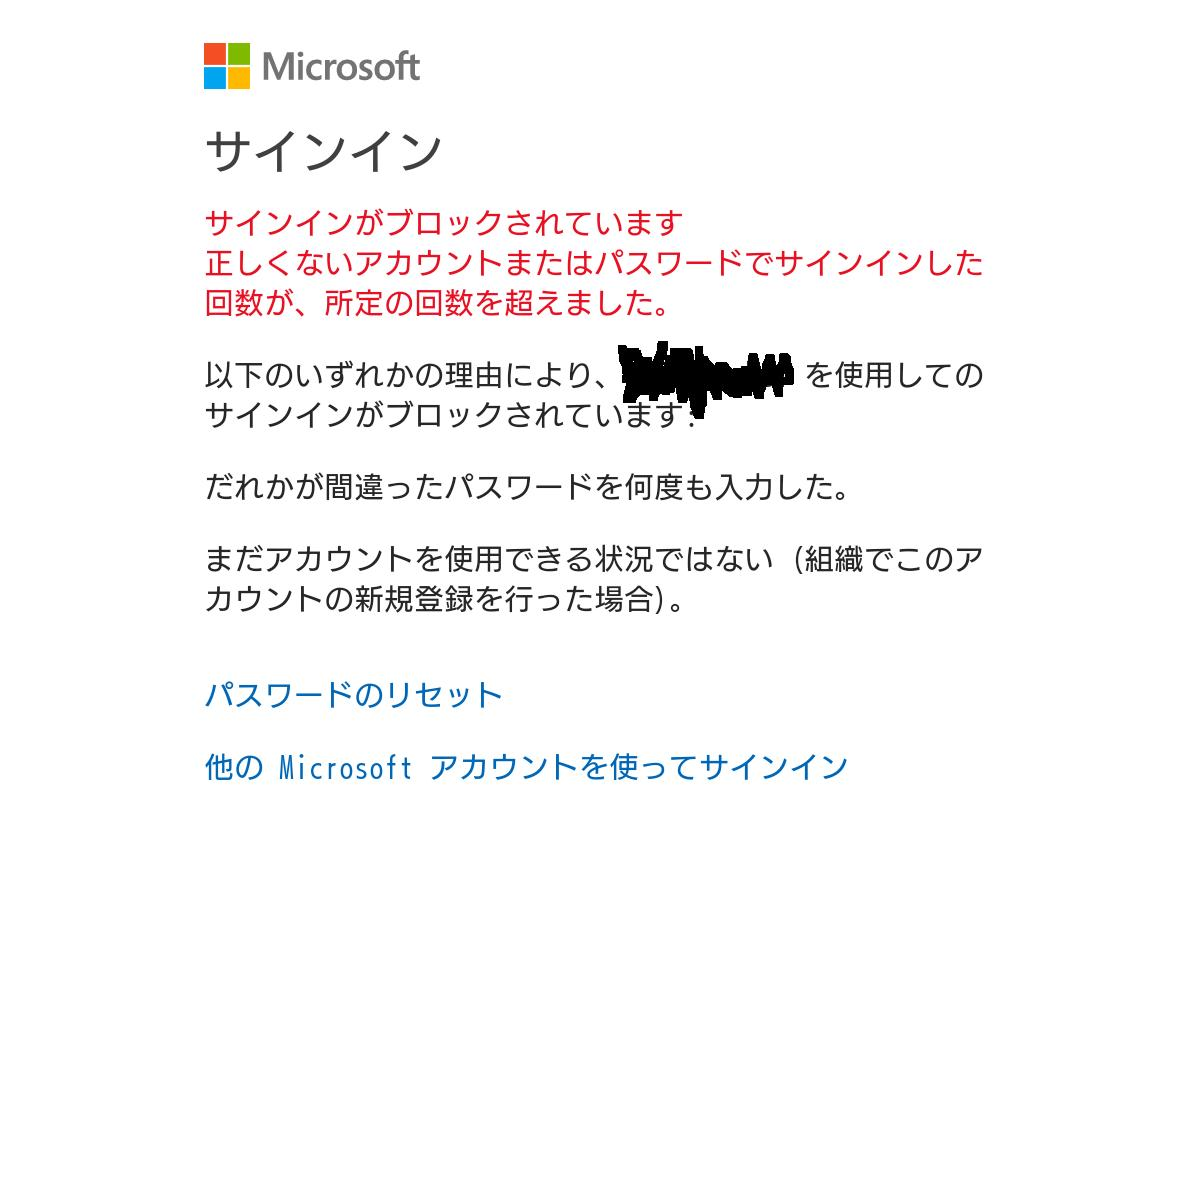 ログイン マイクロソフト できない アカウント マイクロソフトアカウントにサインイン出来ません